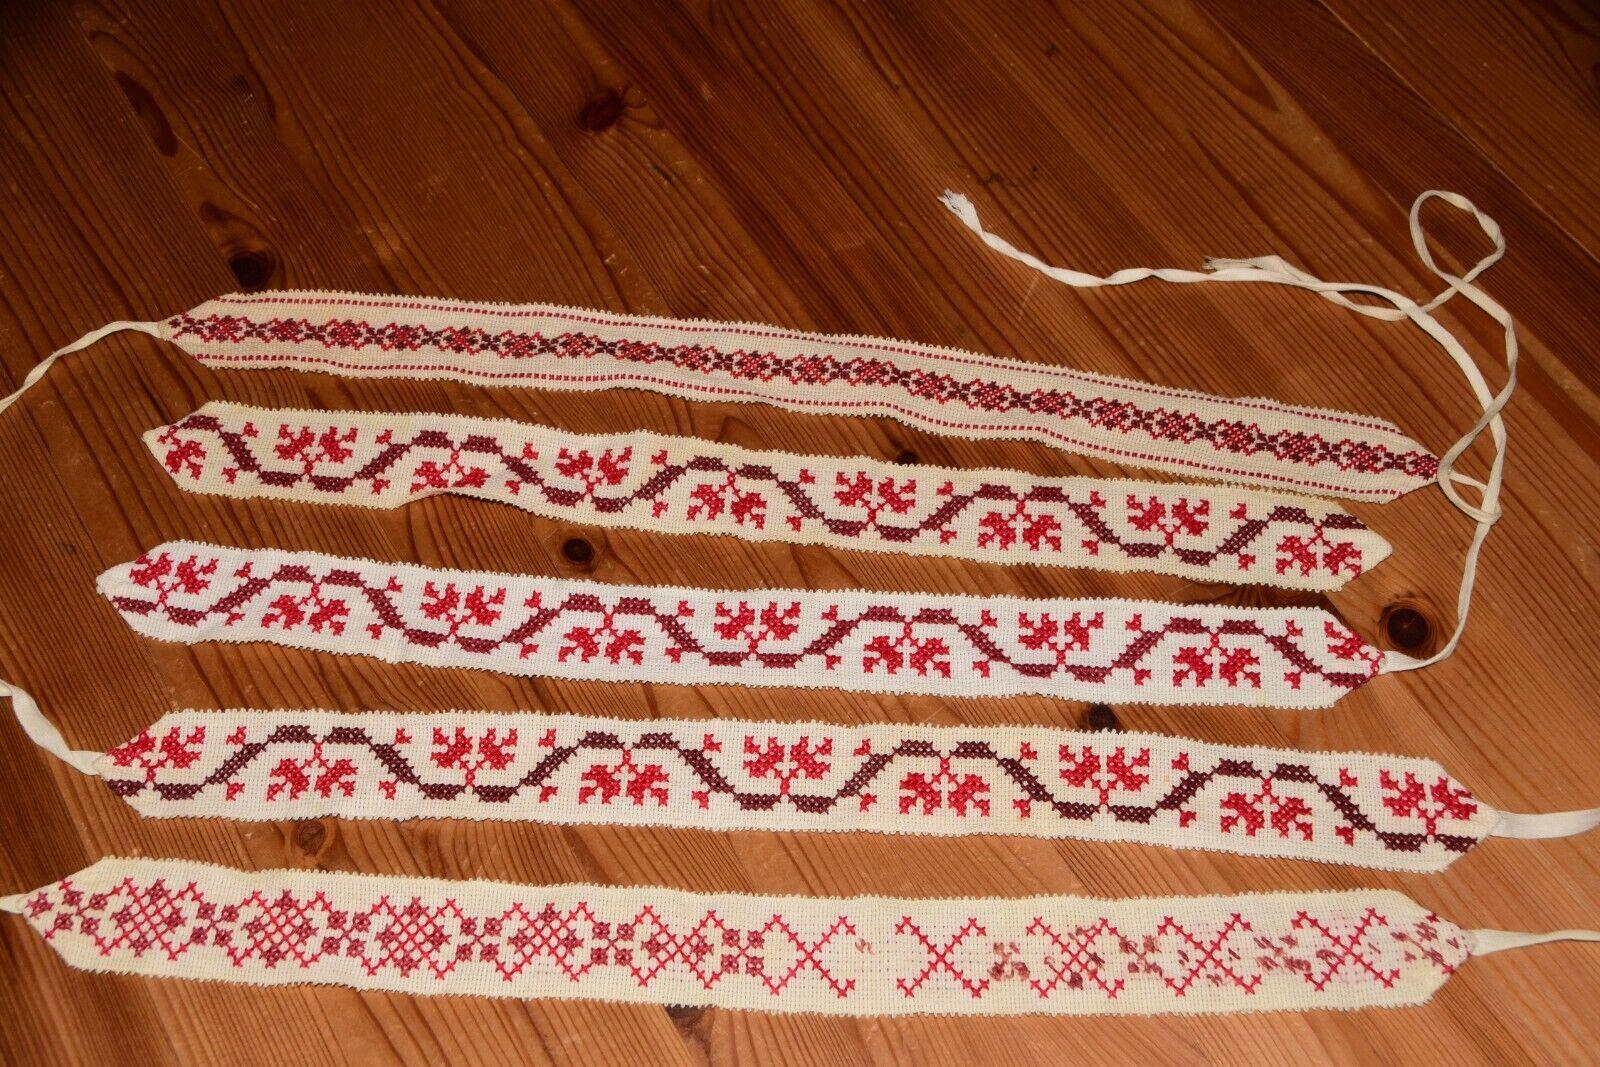 5 Antike alte Wäschebänder Bänder Band handbestickt rote Stickerei (6952)